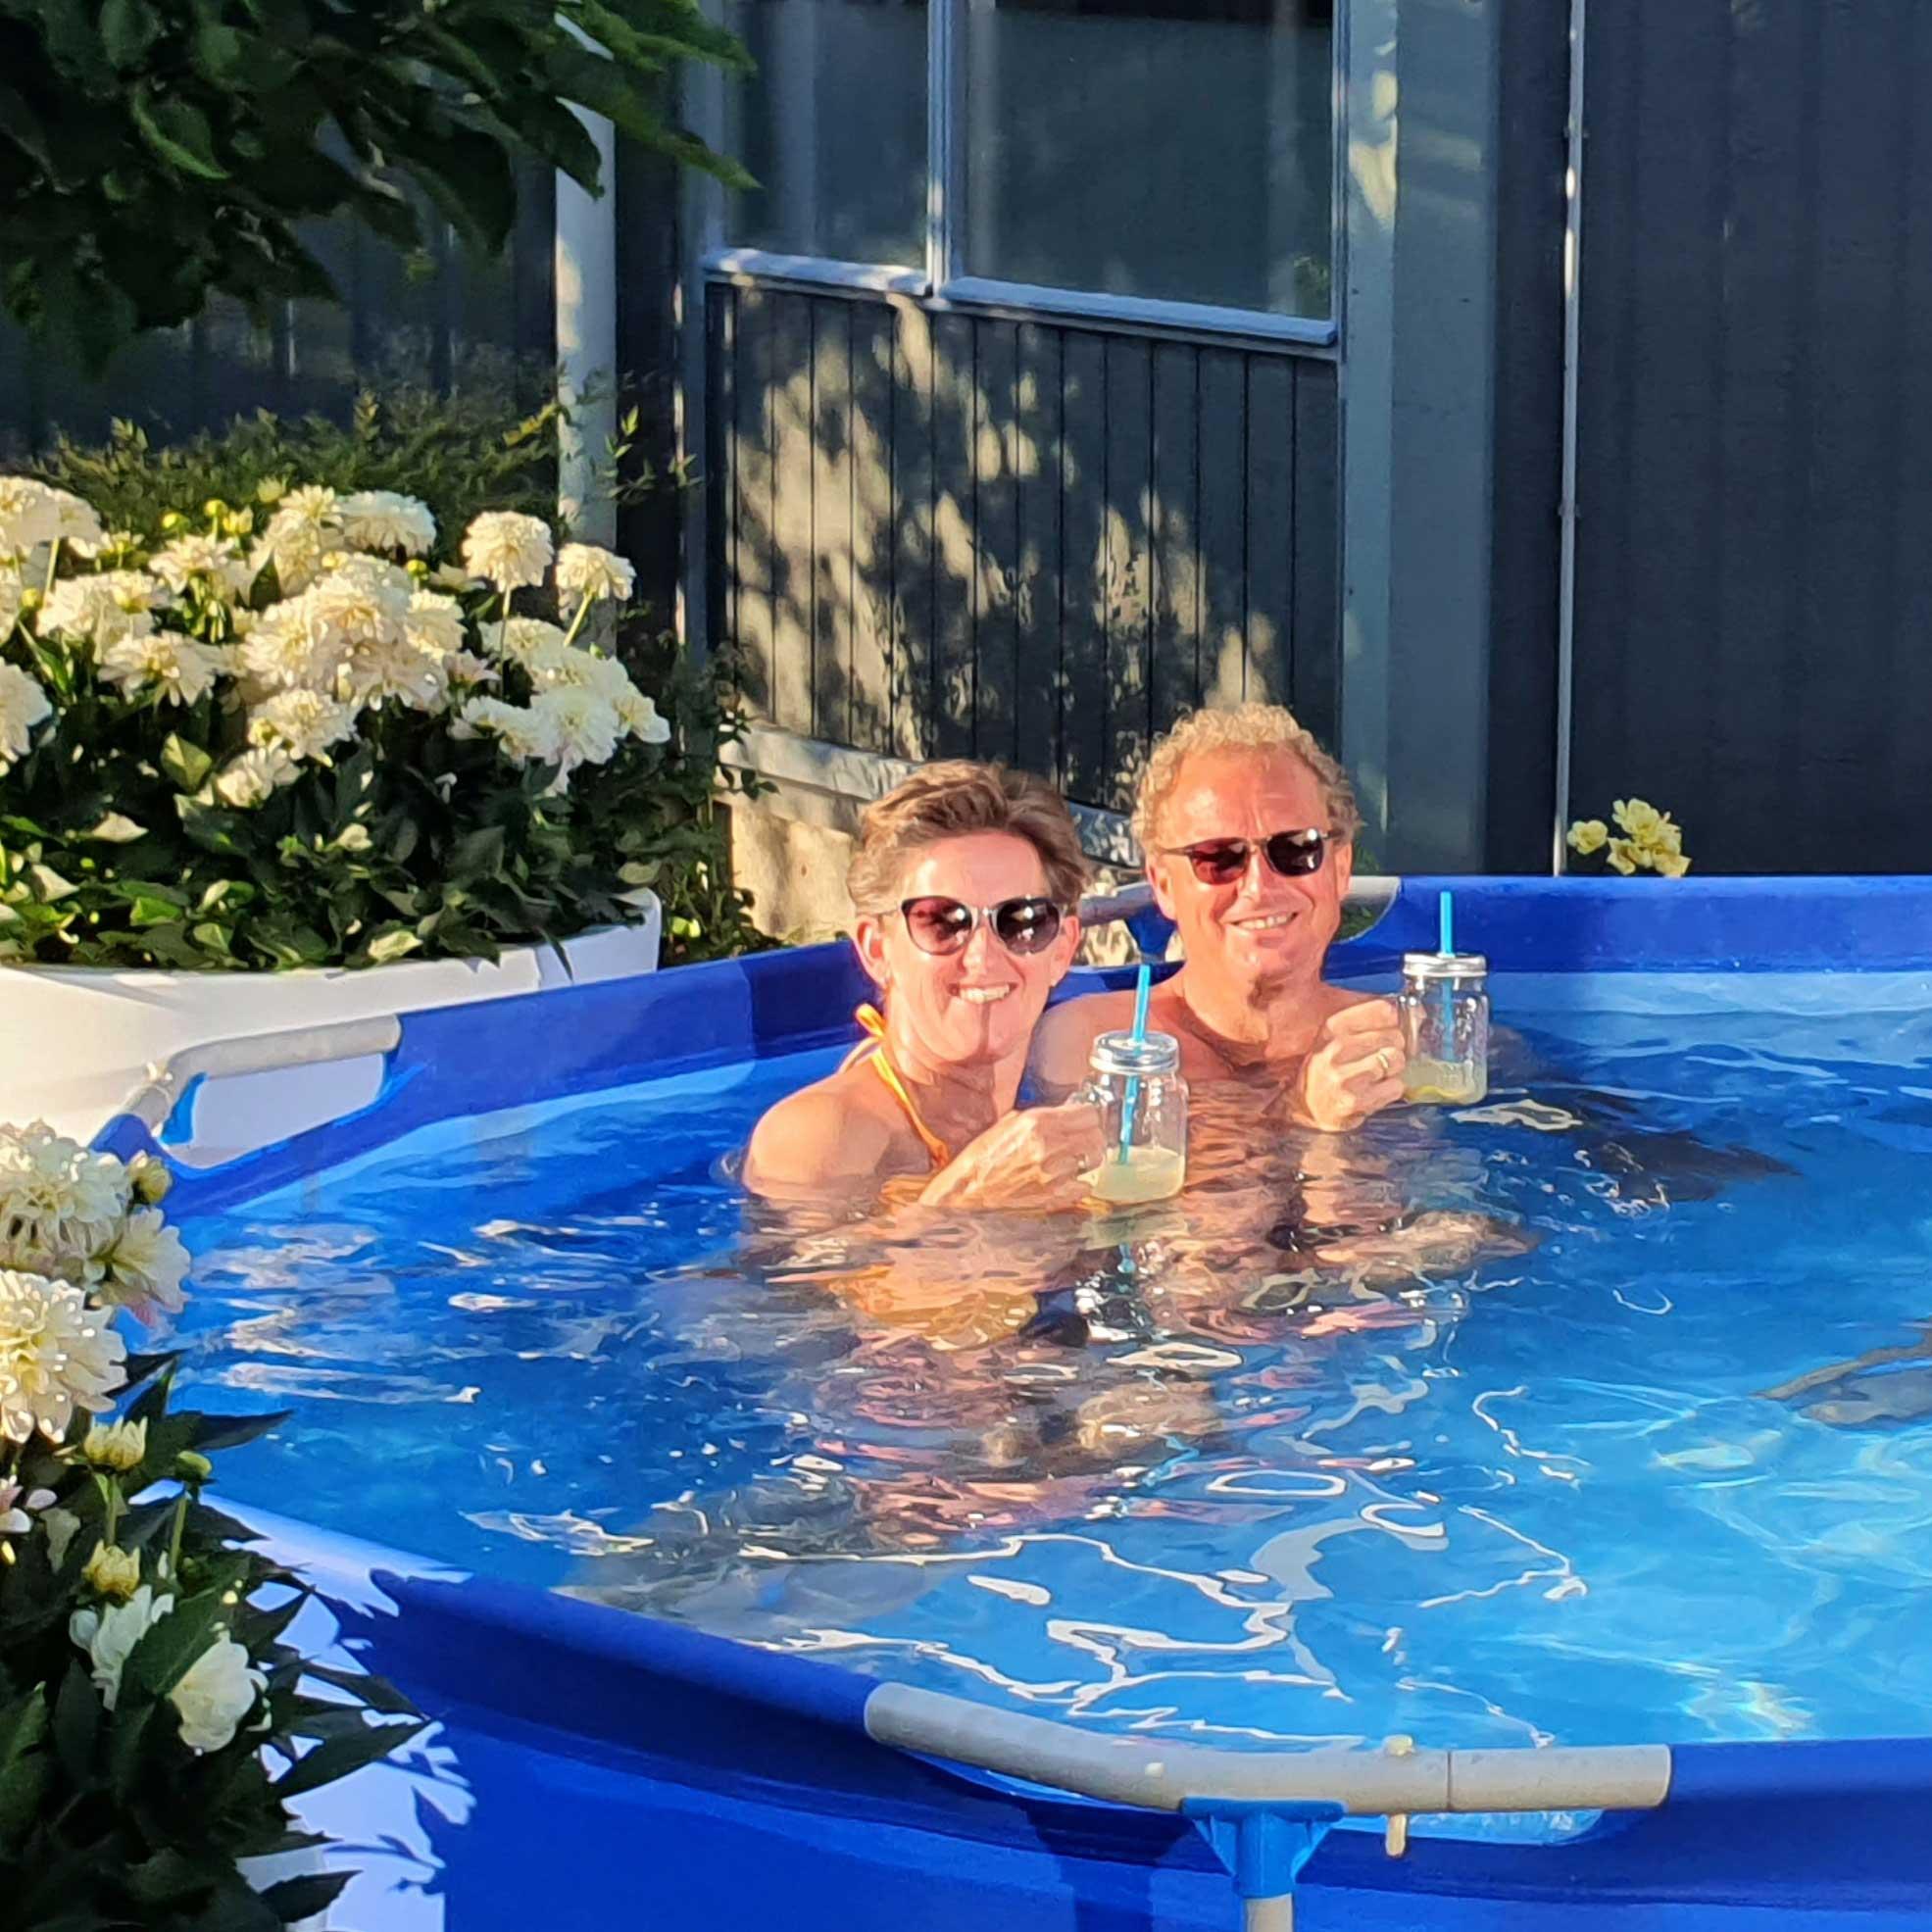 Nieuwe website online zwemshoponline proost